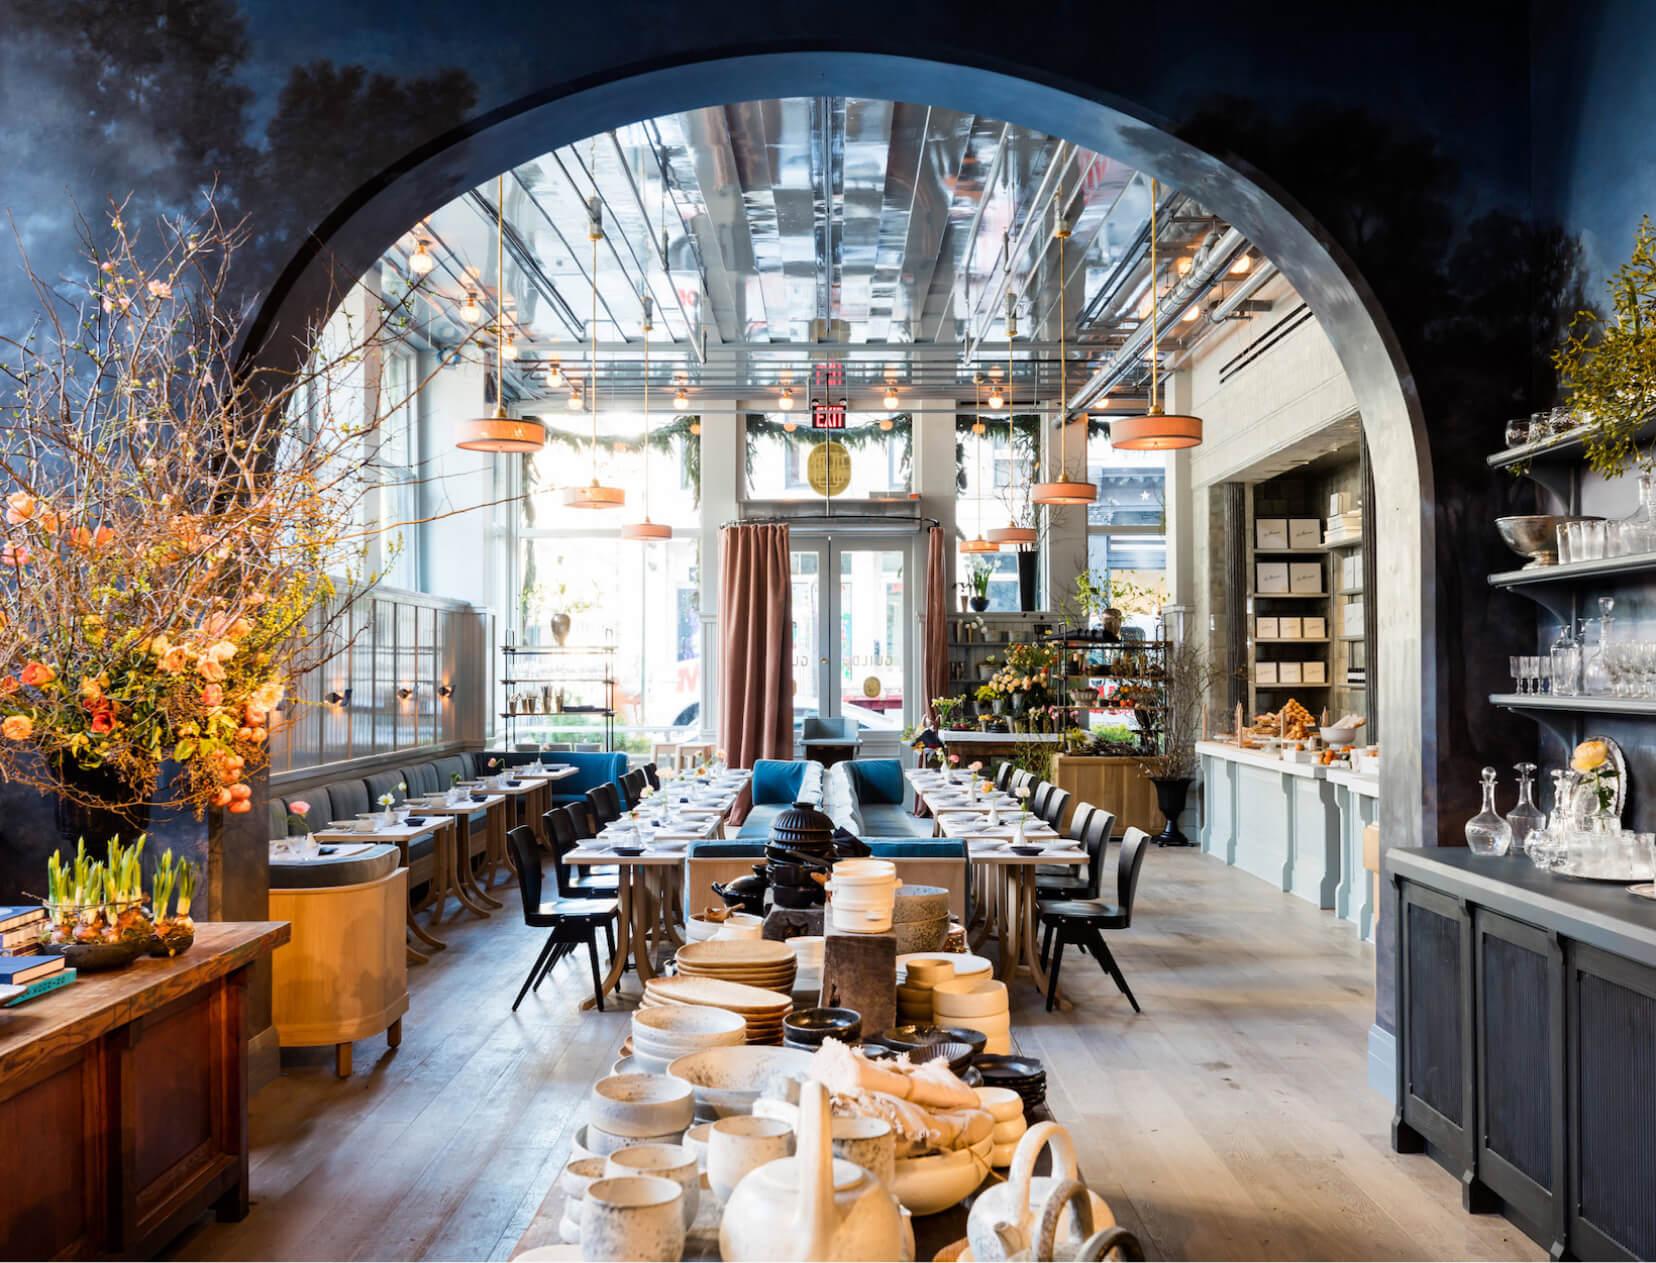 Mercerie Cafe